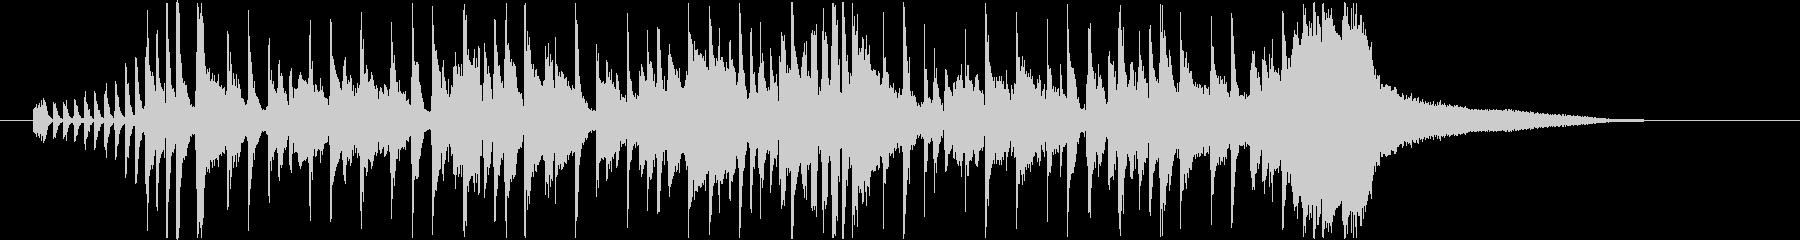 ジャズファンク風ジングル・サウンドロゴの未再生の波形